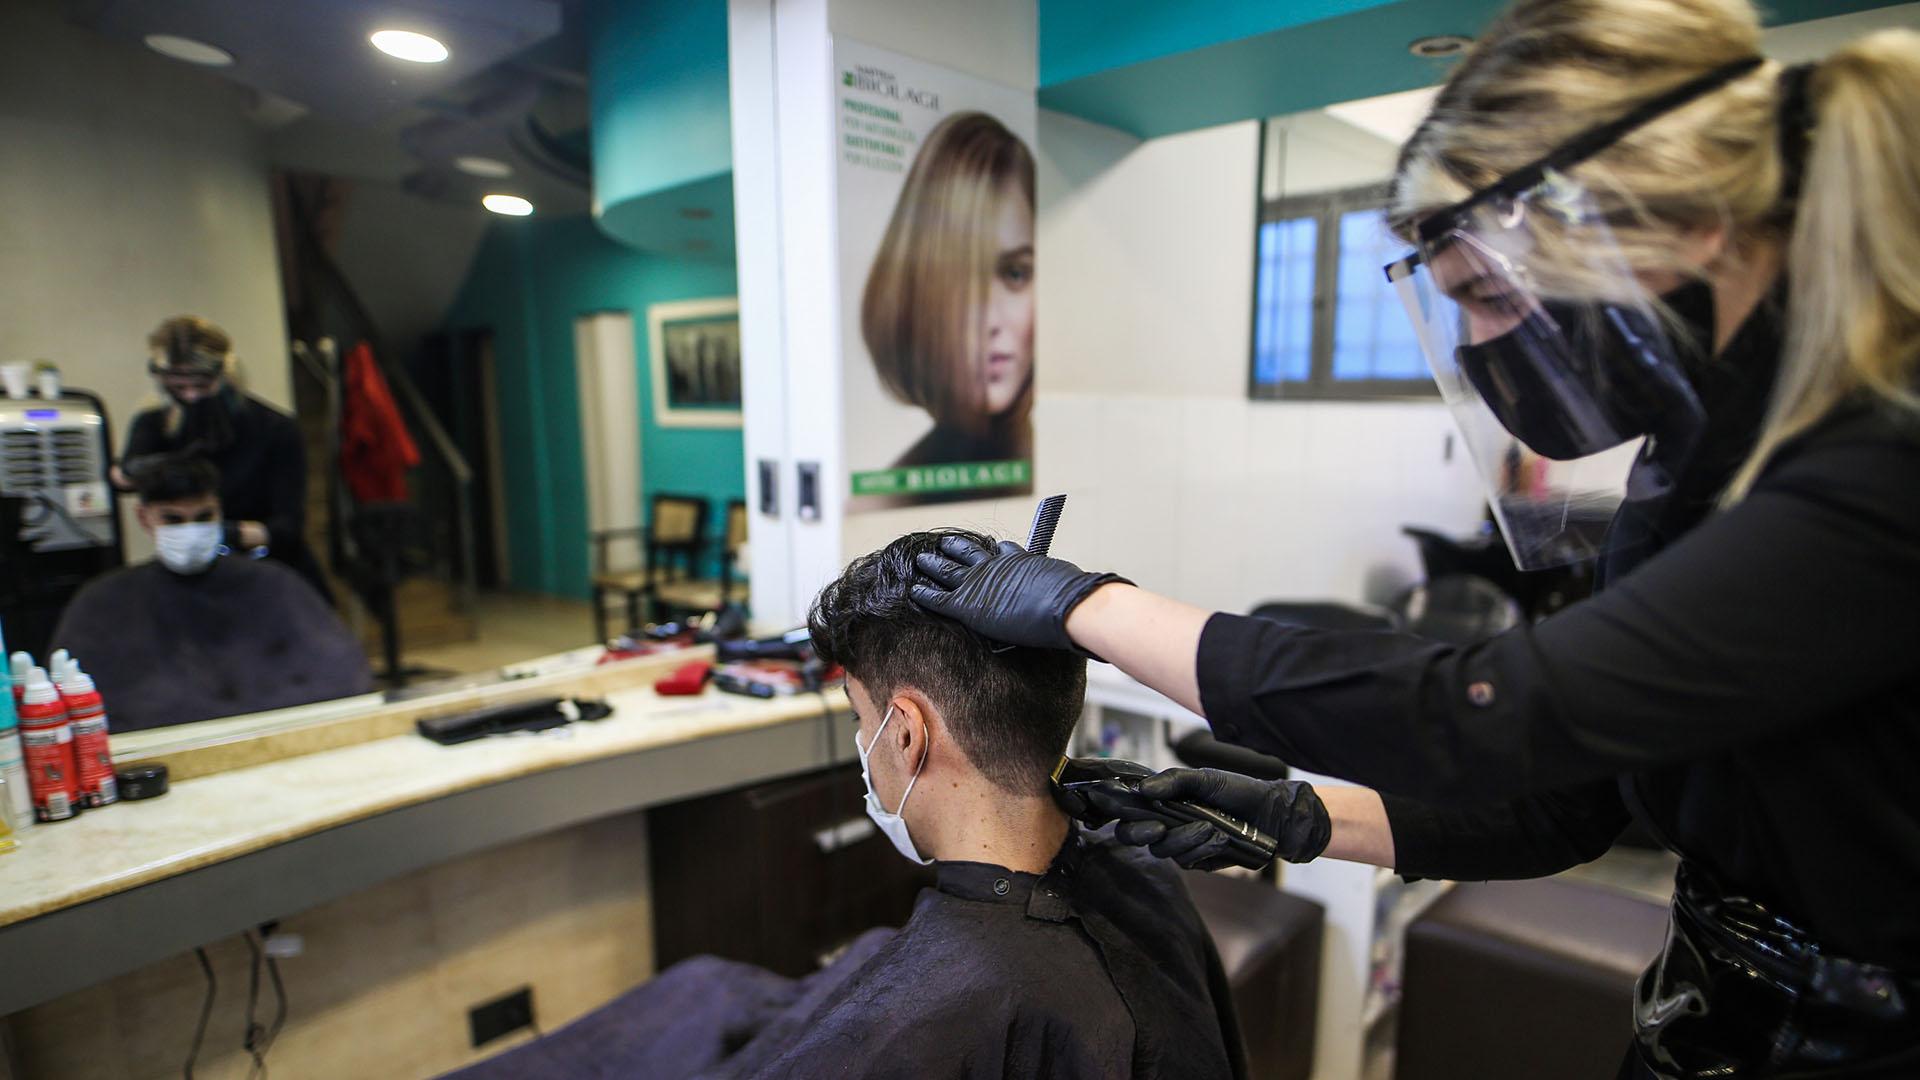 El 9 de mayo, con un estricto protocolo, abrieron los comercios de Mar del Plata. Uno de los rubros permitidos fue la peluquería. El protocolo para ellas indica que los clientes